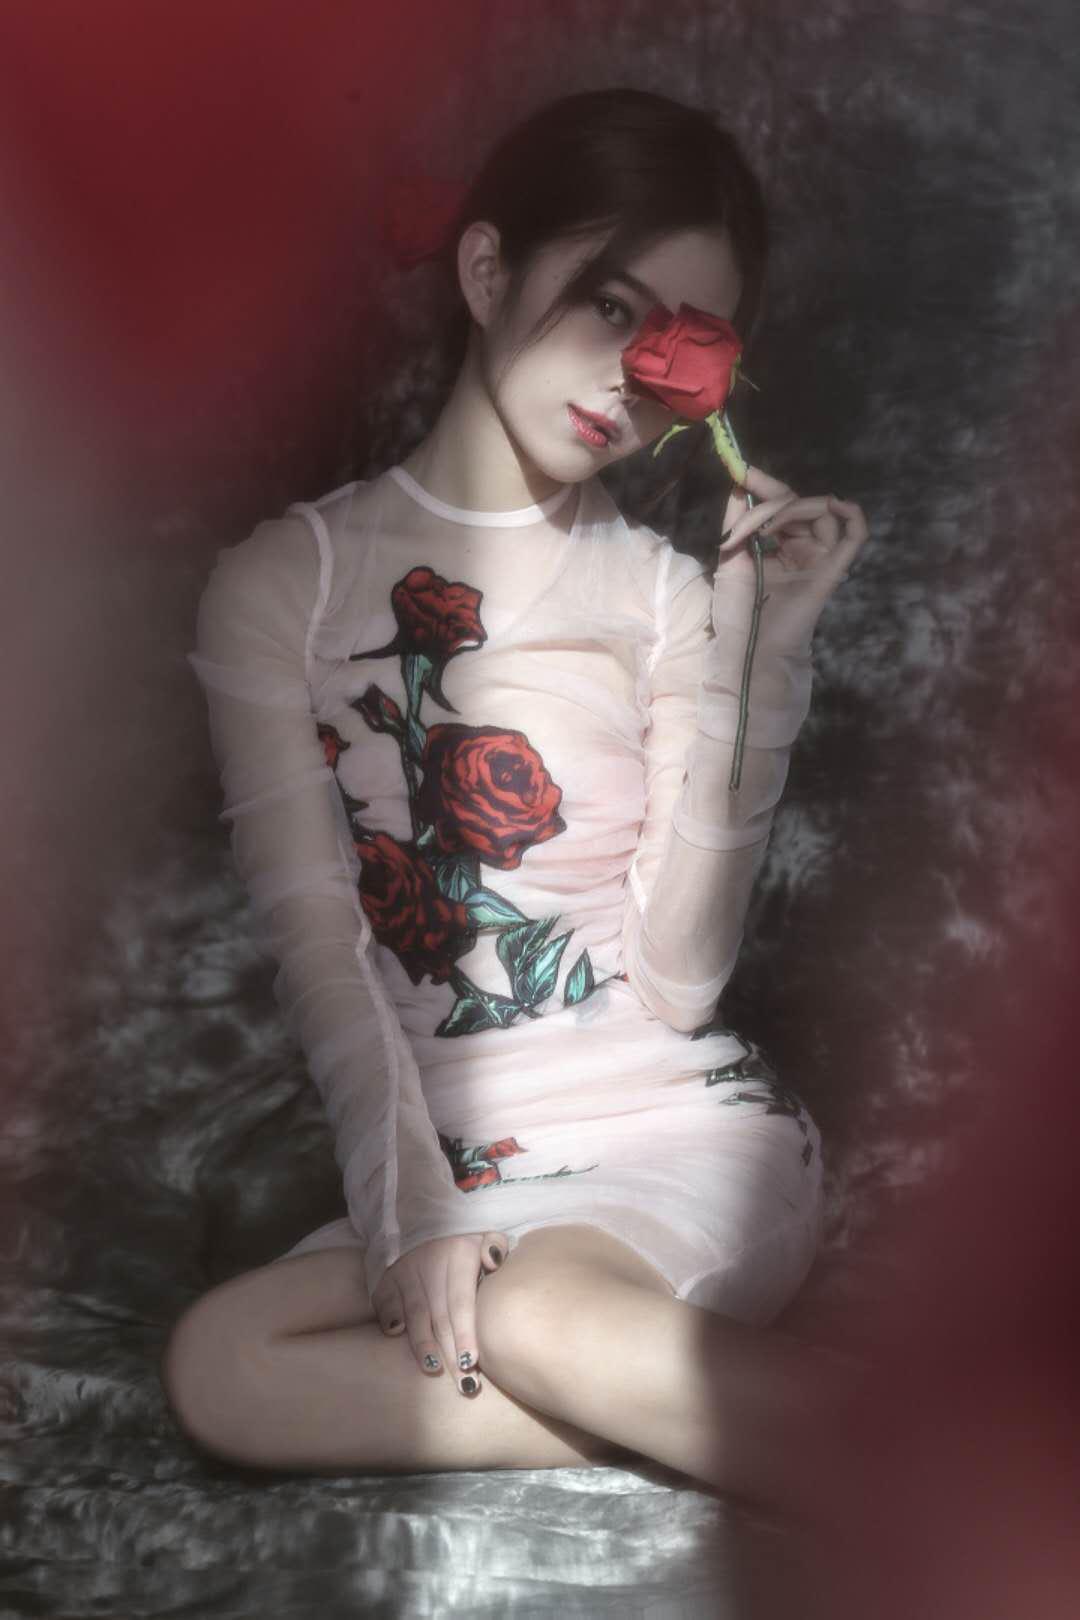 主播芯?加盟上海姑娘偶像团体 Love_sjl女团